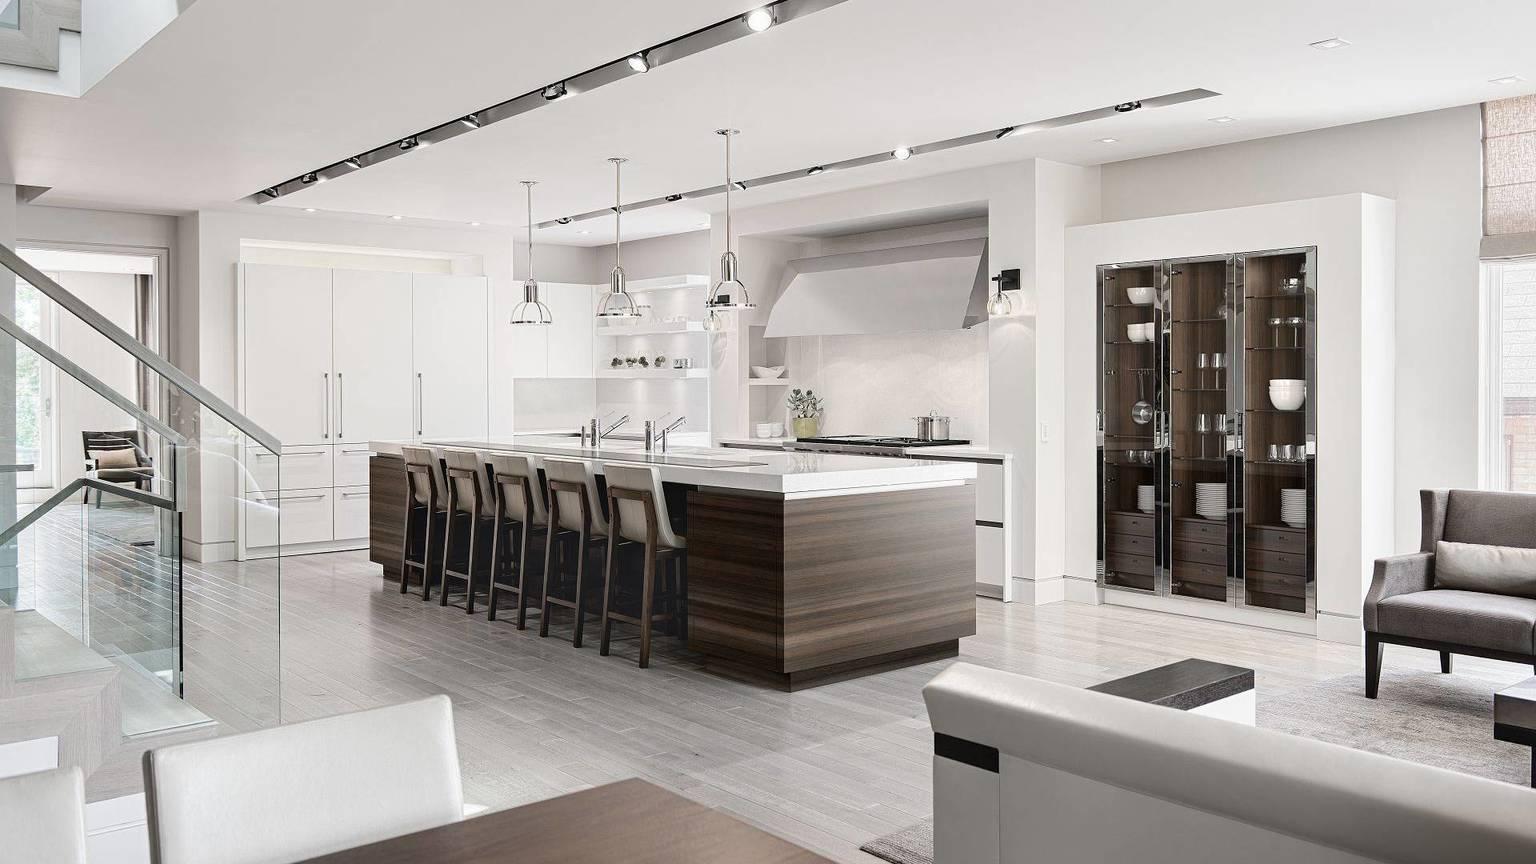 Vue sur la SieMatic Classic SE S2, cuisine classique contemporaine en blanc lotus avec un ilot central généreux et un bar en bois de chêne fumé foncé.